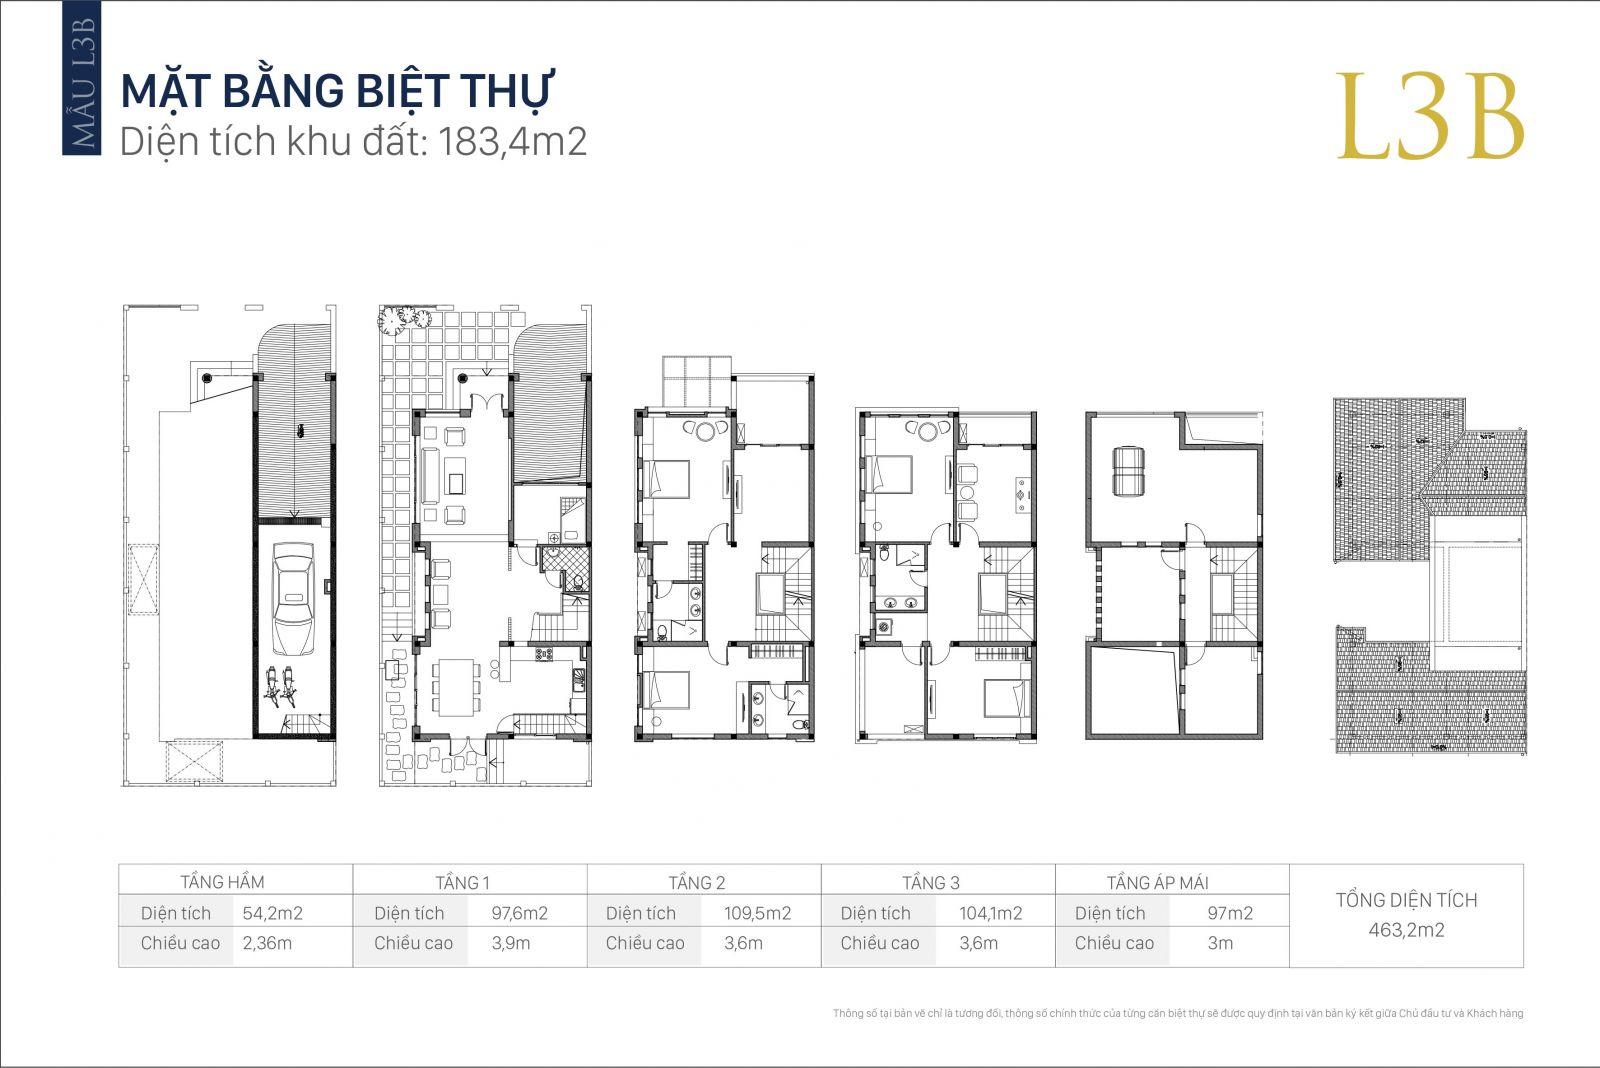 Mặt bằng thiết kế biệt thự An Khang Villa Dương Nội